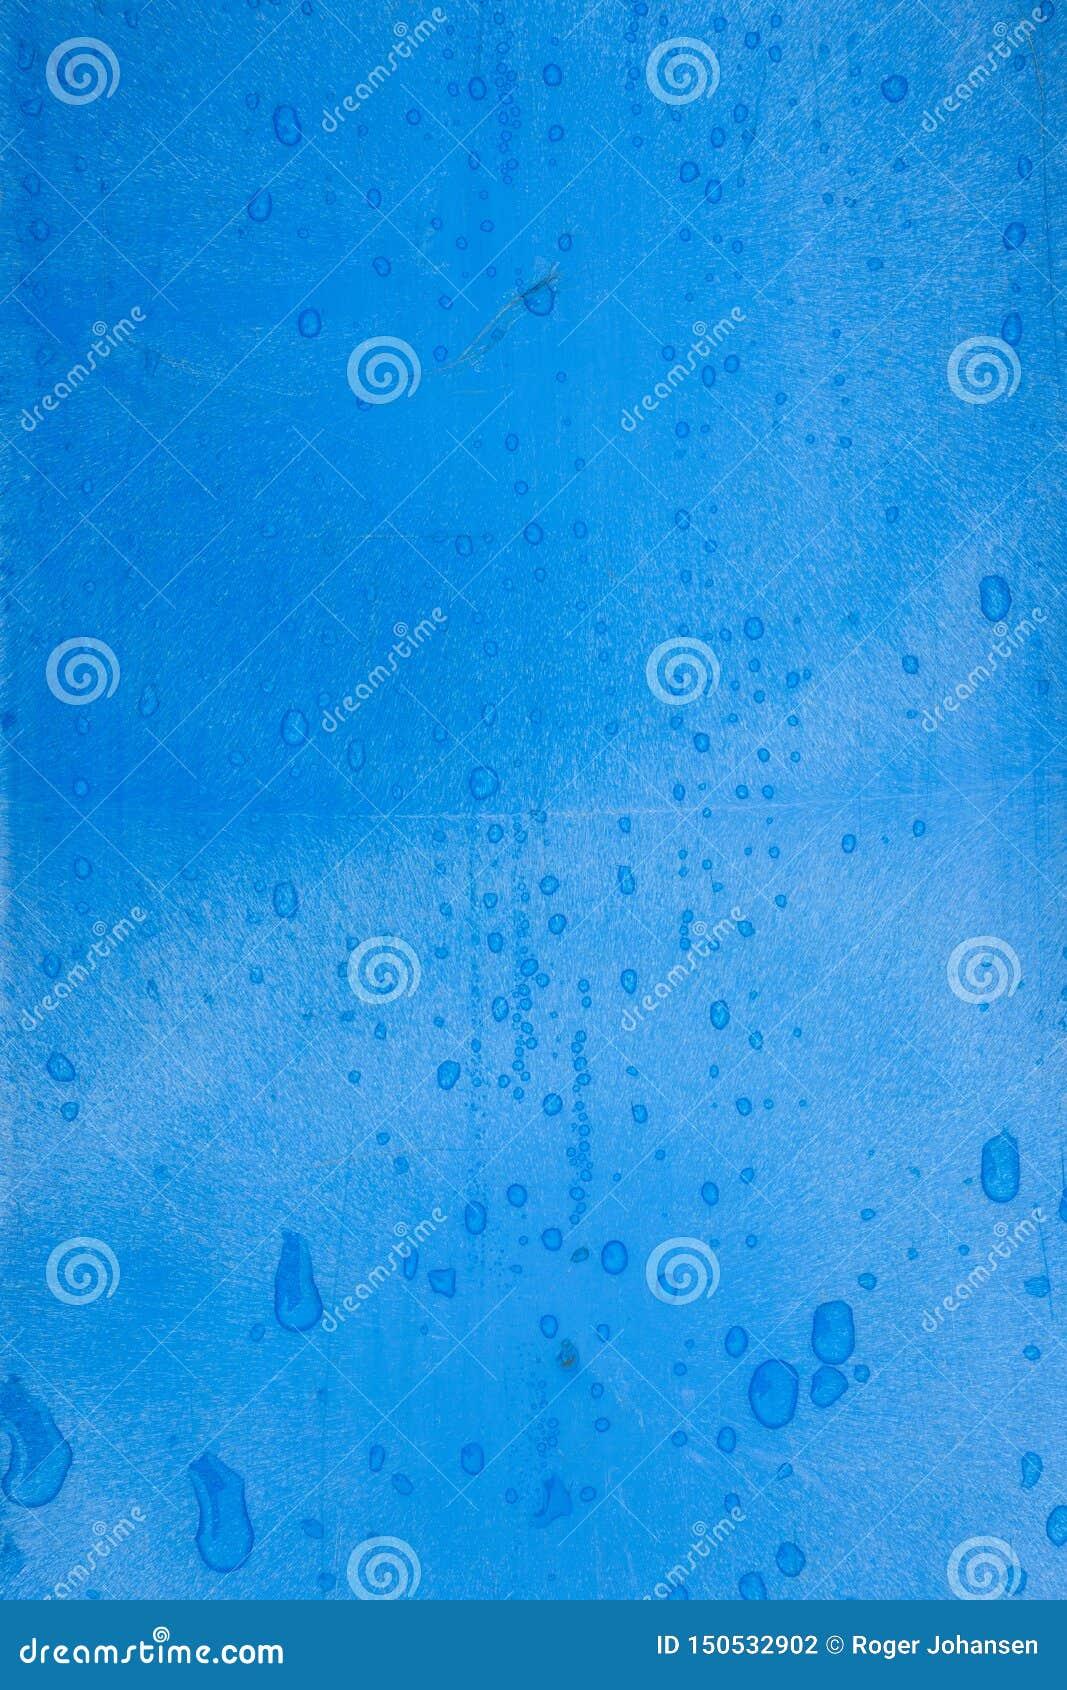 Голубая пластиковая текстура с дождевыми каплями